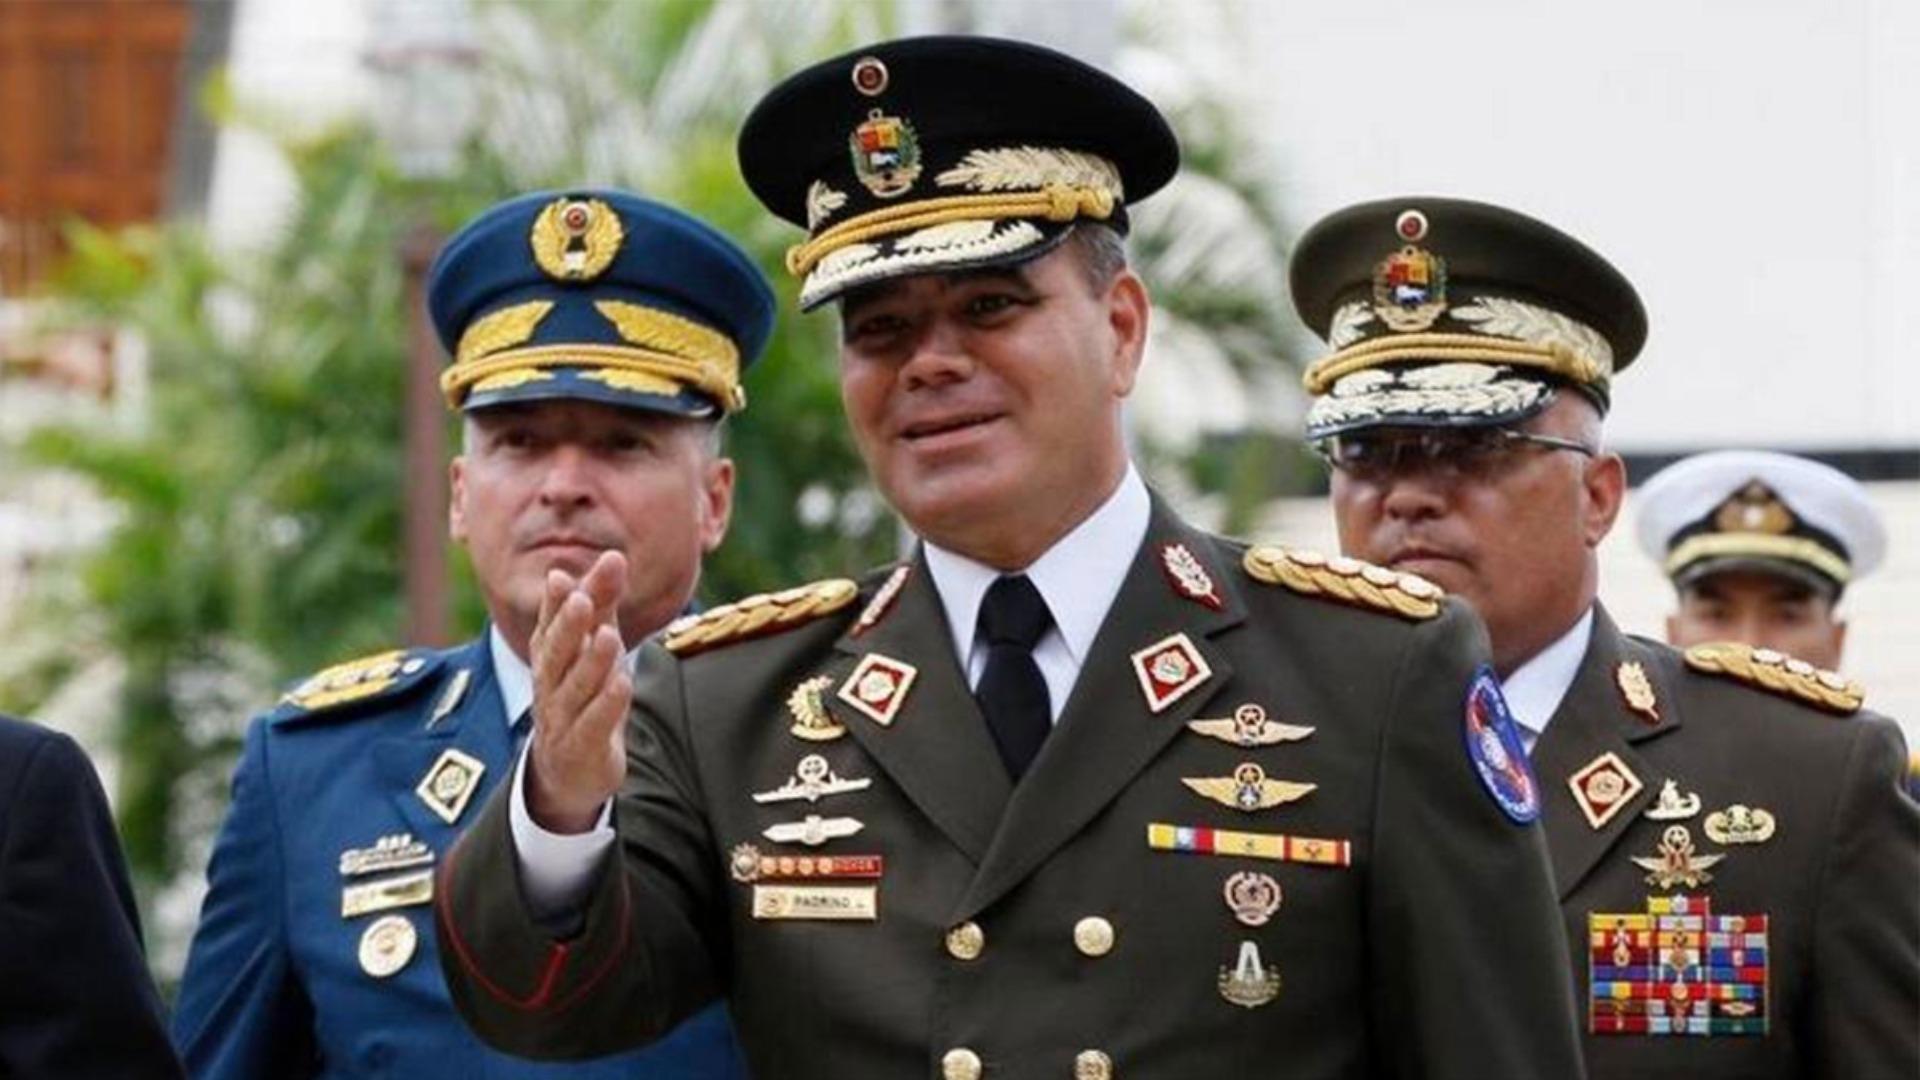 Investigación: El laberinto corporativo de los generales en Venezuela